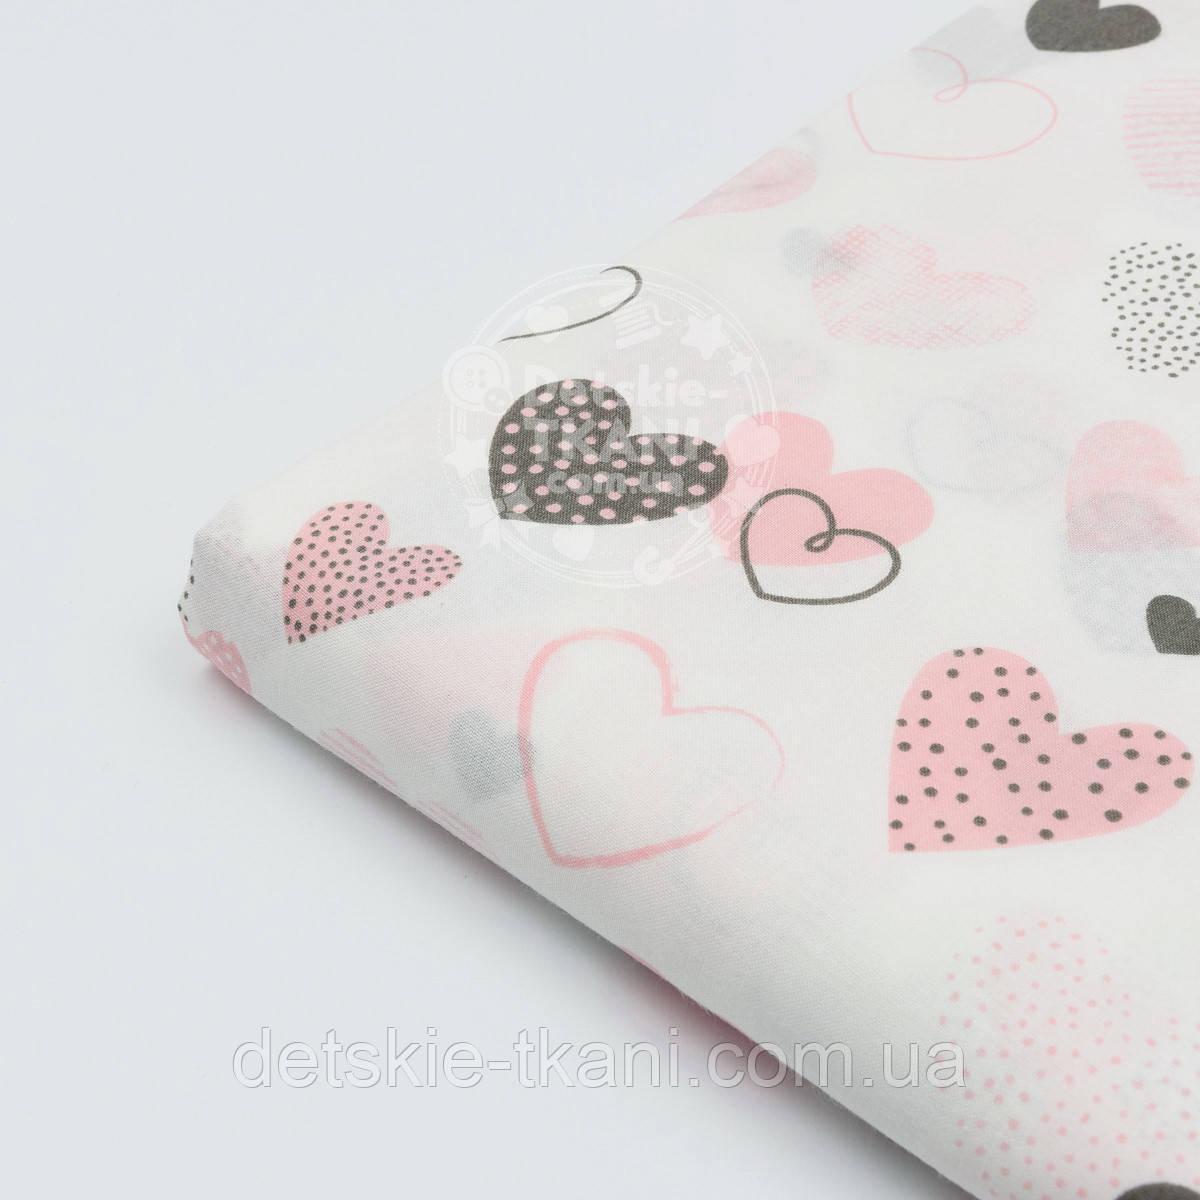 """Лоскут ткани №1317а """"Нарисованные сердечки"""" розовые и тёмно-серые на белом"""